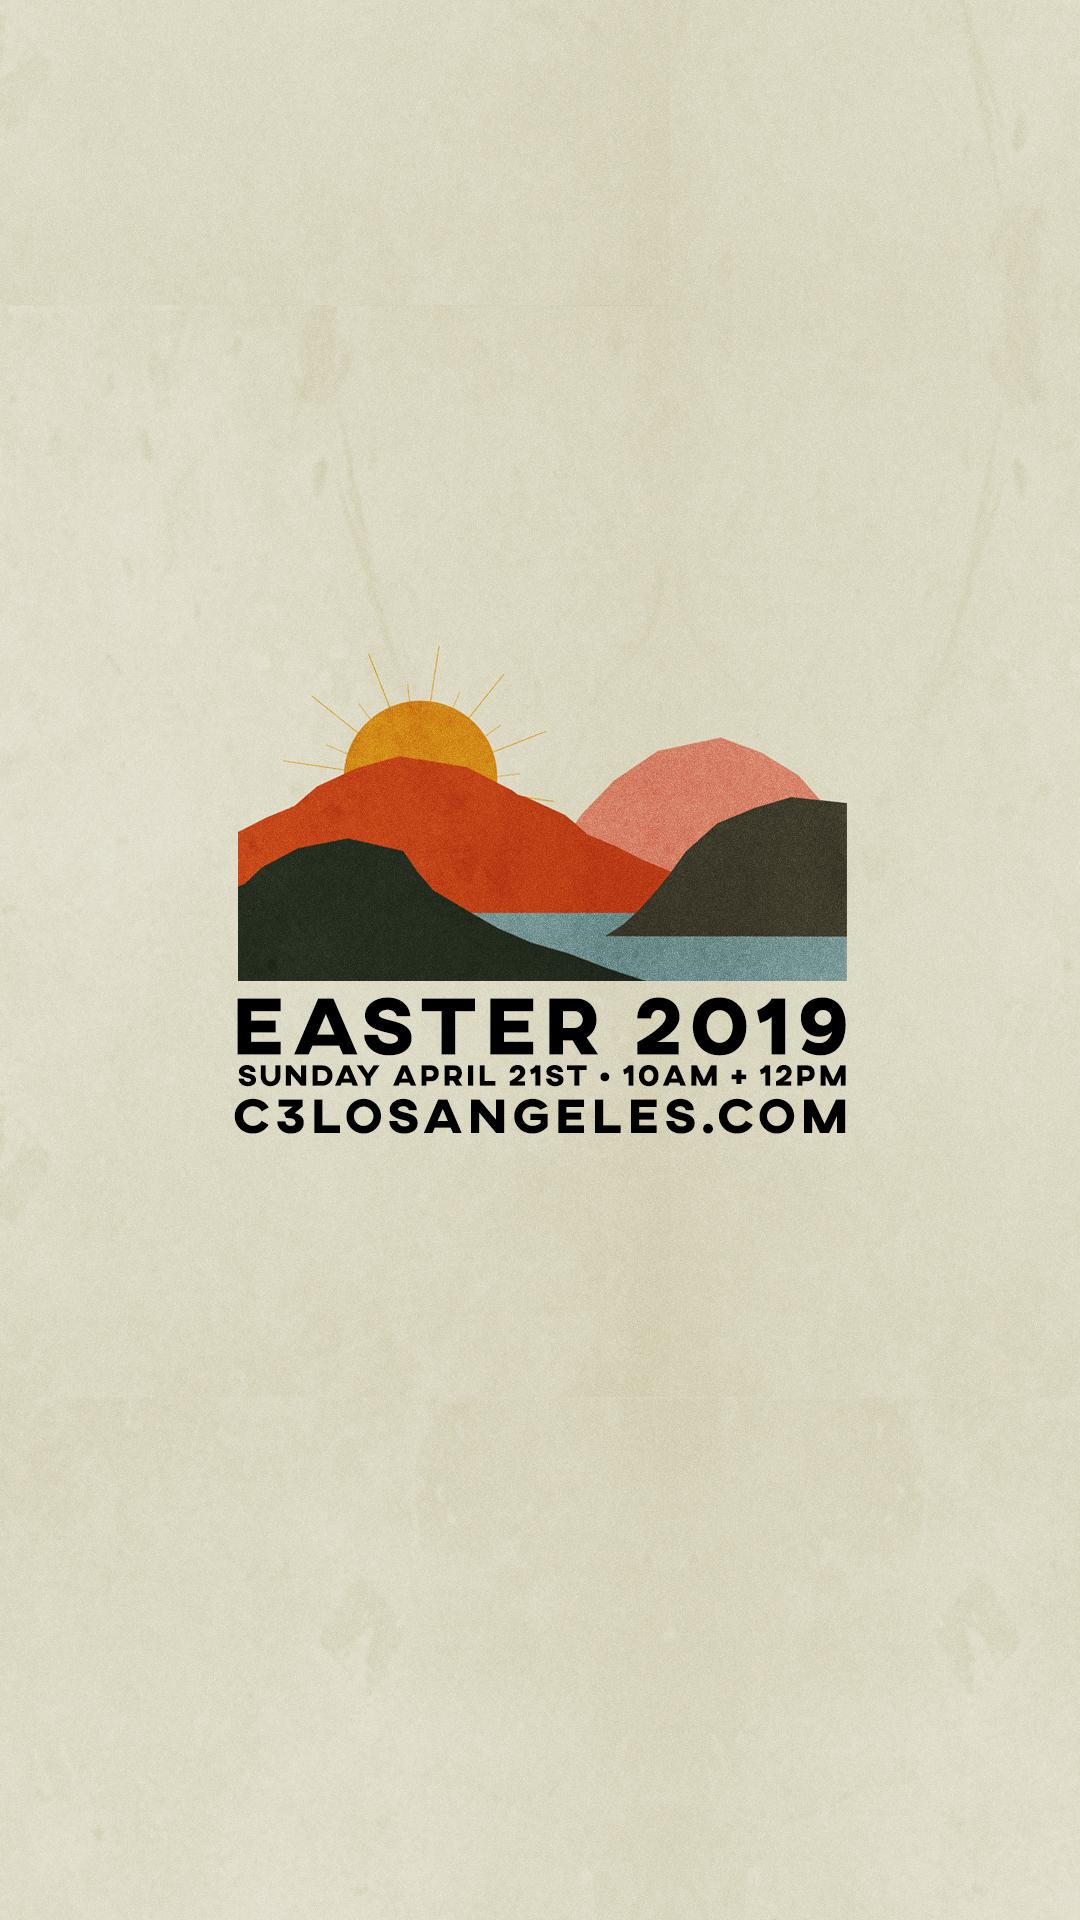 Easter 2019 invite l.jpg